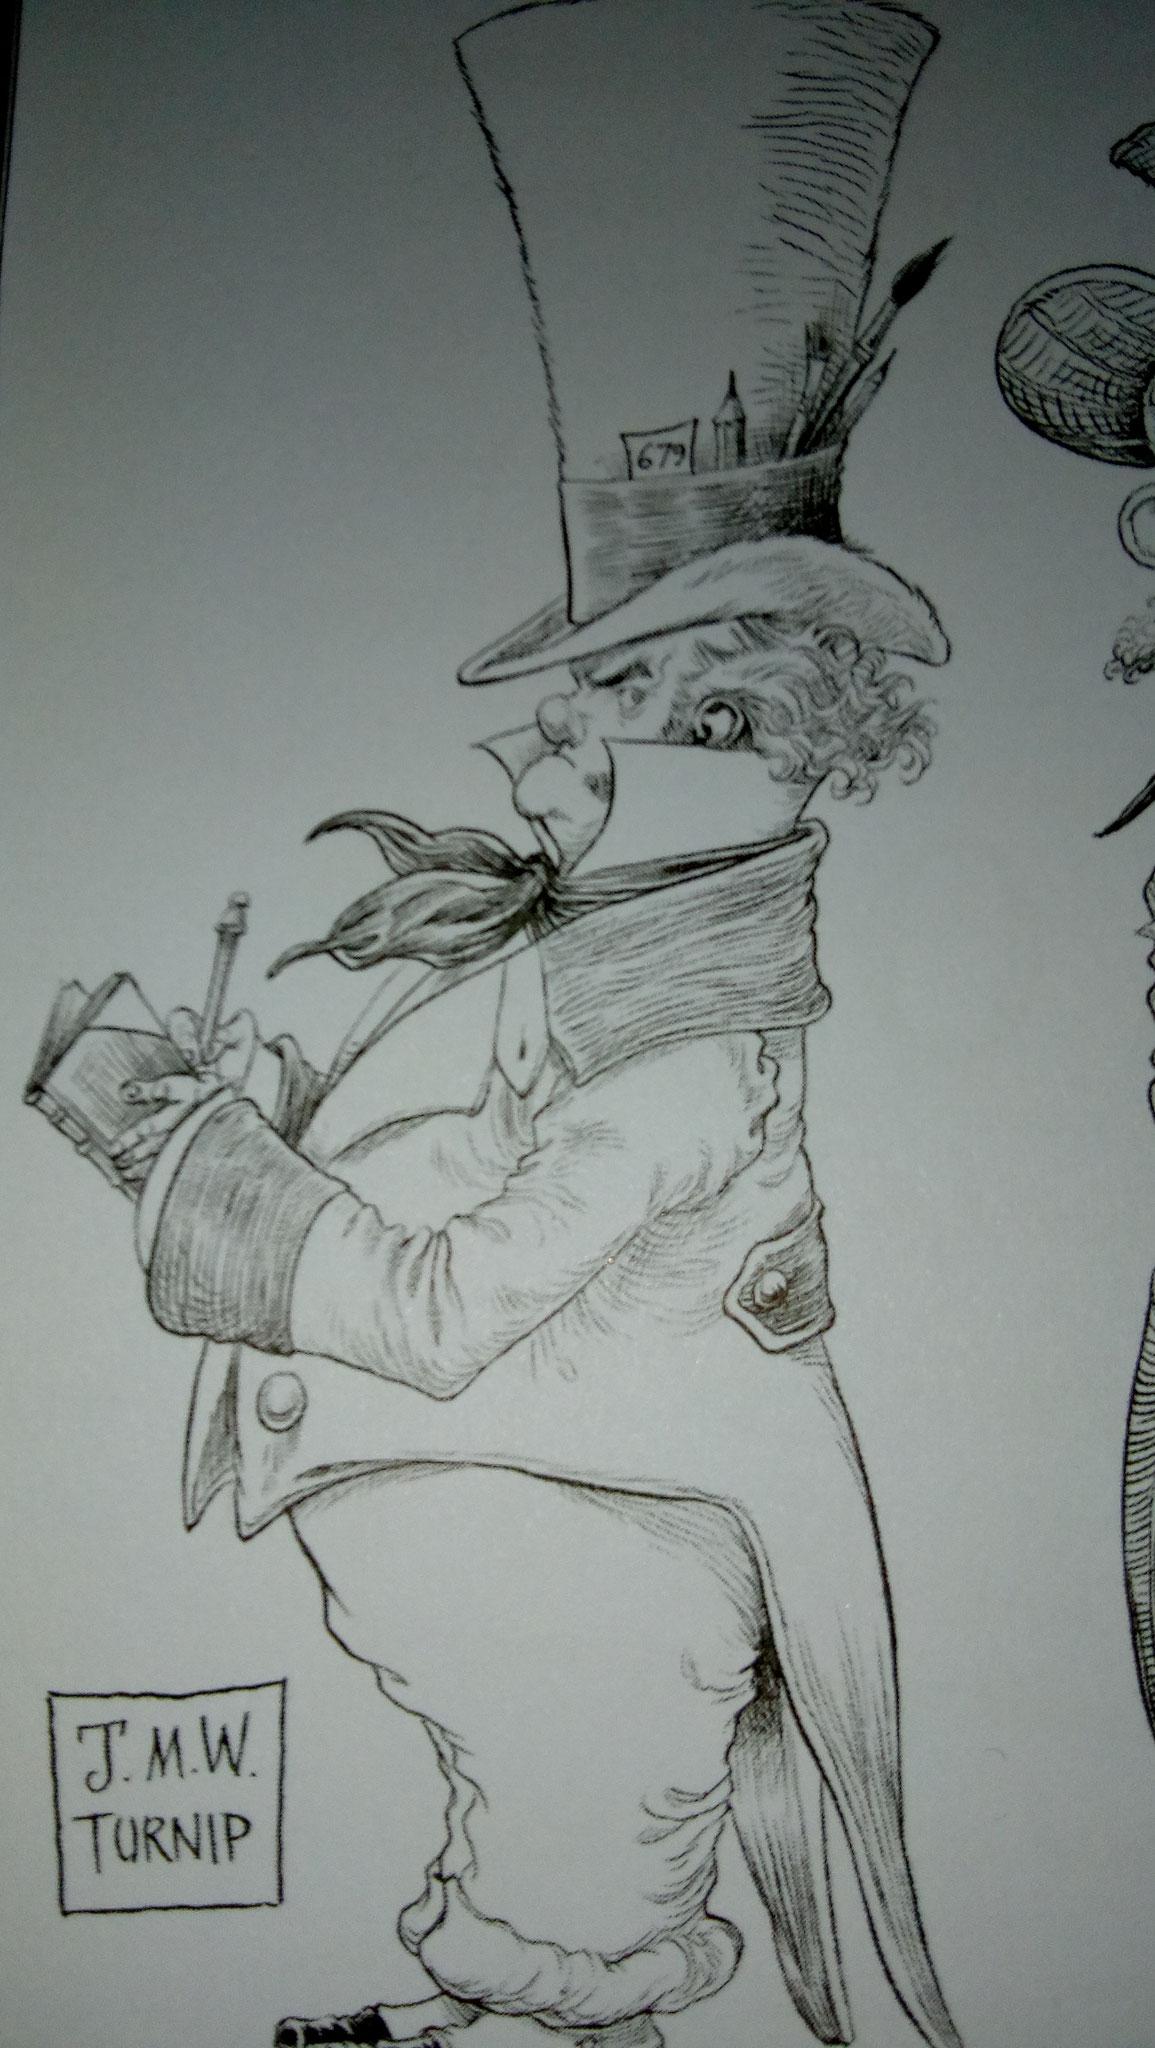 Turner würde gerne düstere Bilder malen und trägt einen Mad-Hatter-Hut